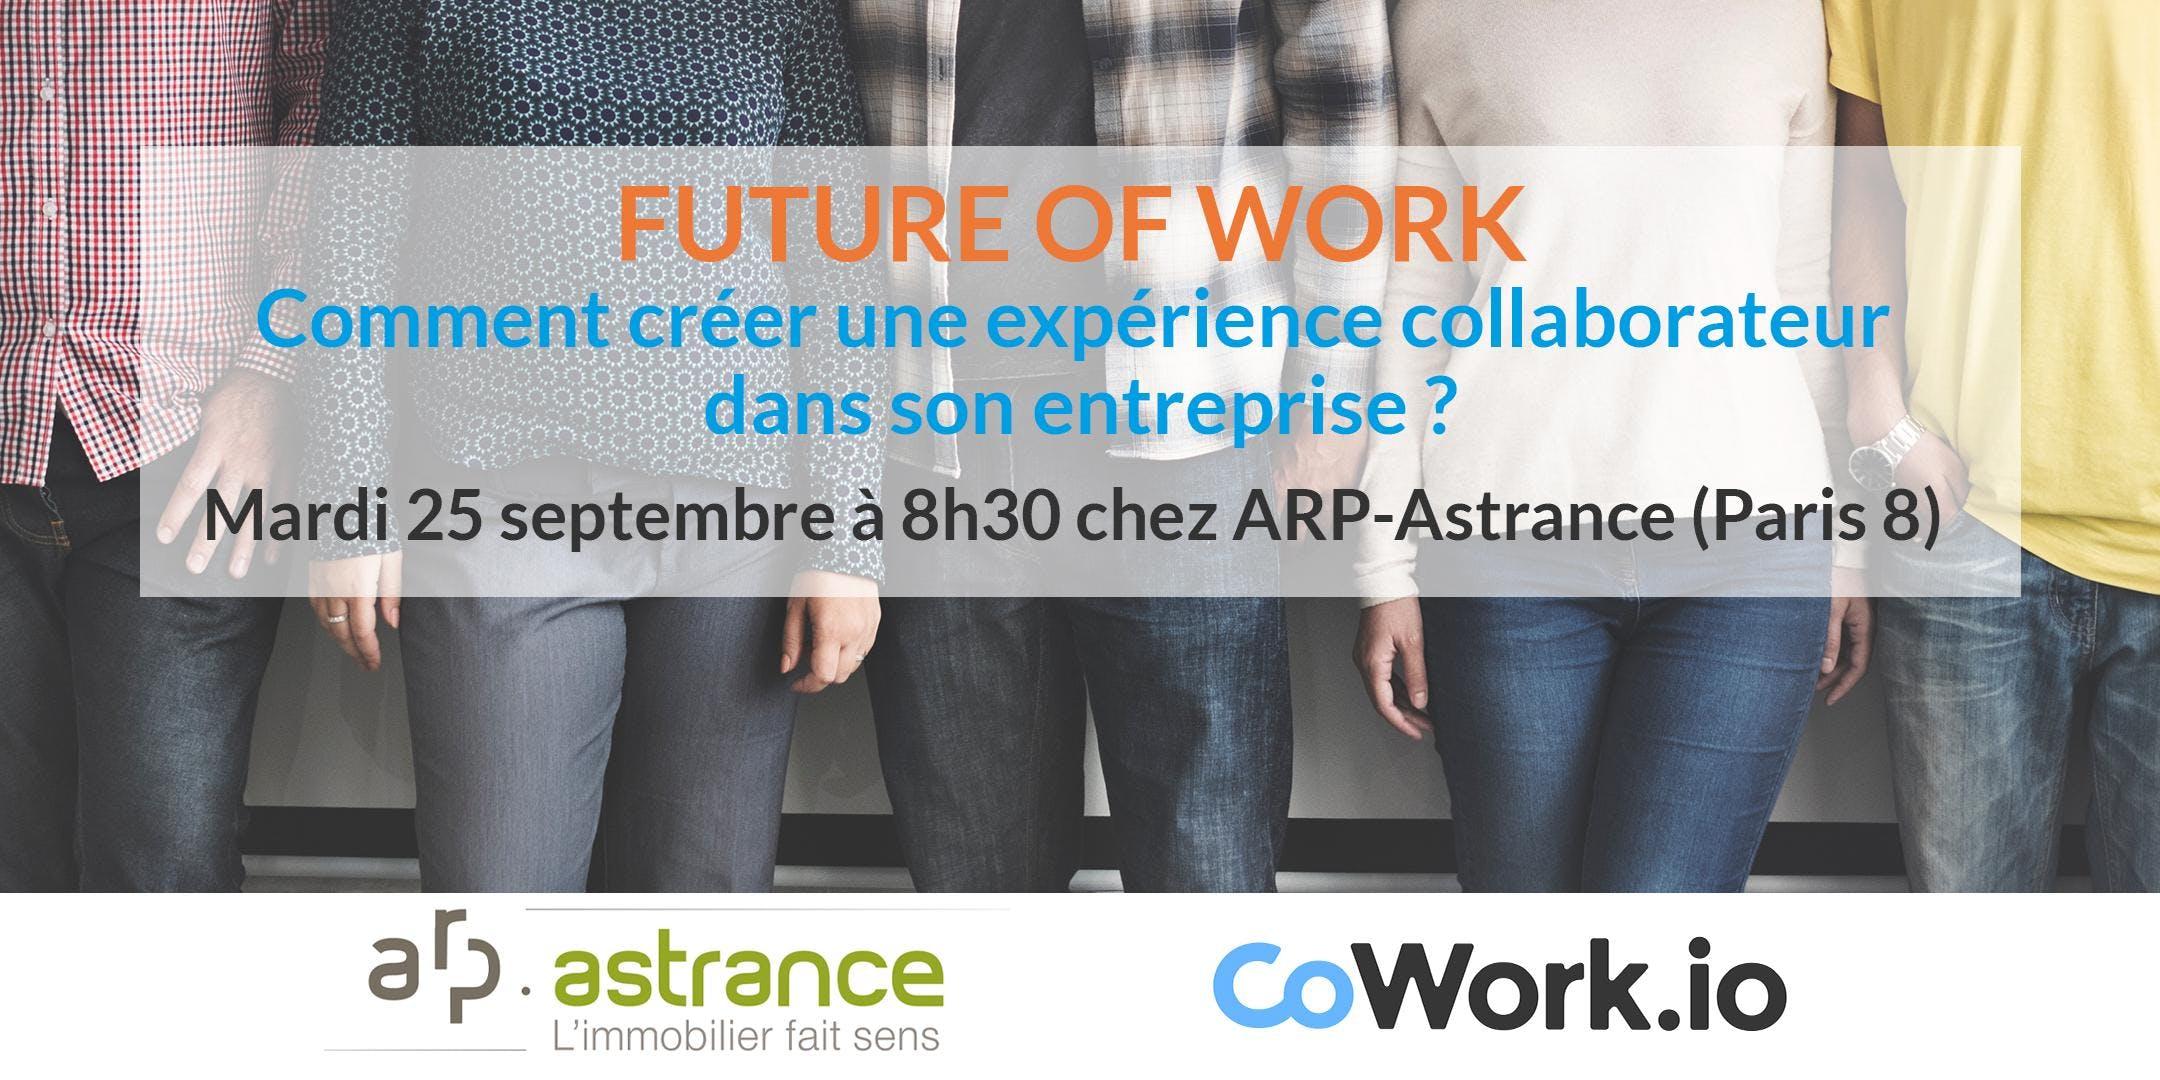 FUTURE OF WORK - Comment créer une expérience